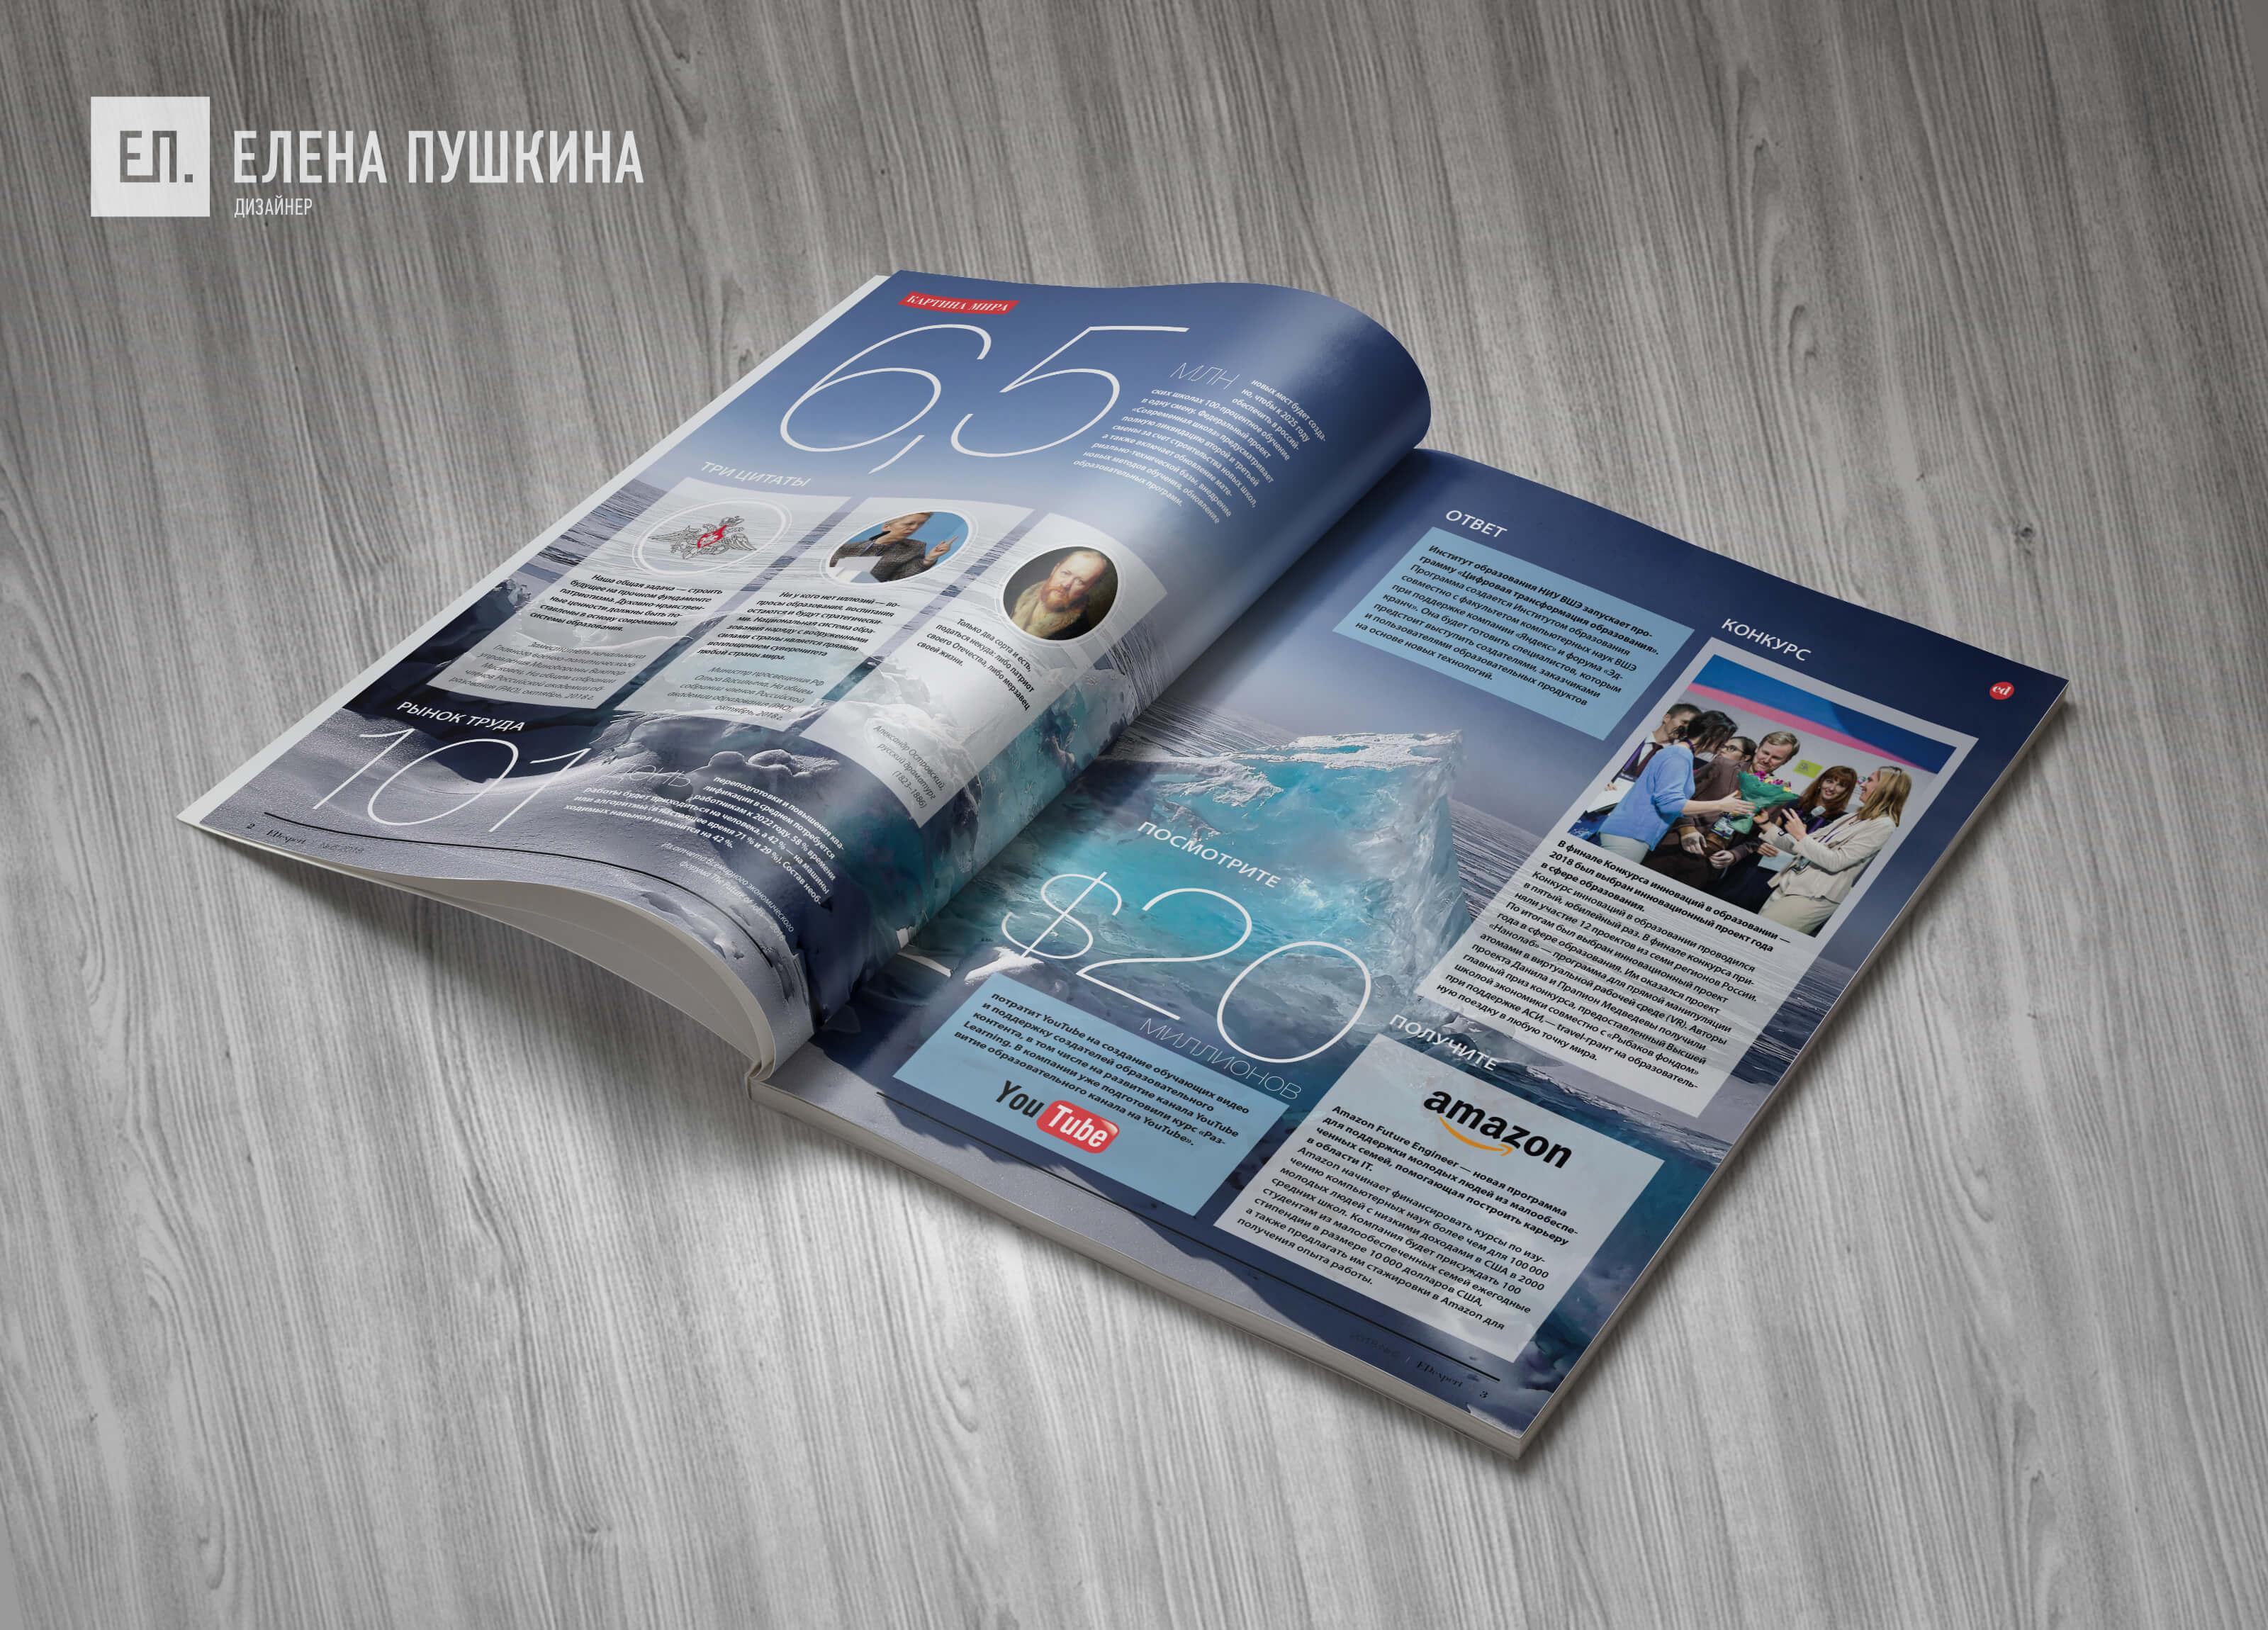 Журнал «EDexpert» №6 декабрь 2018 — разработка с «нуля» логотипа, обложки, макета и вёрстка журнала Разработка журналов Портфолио